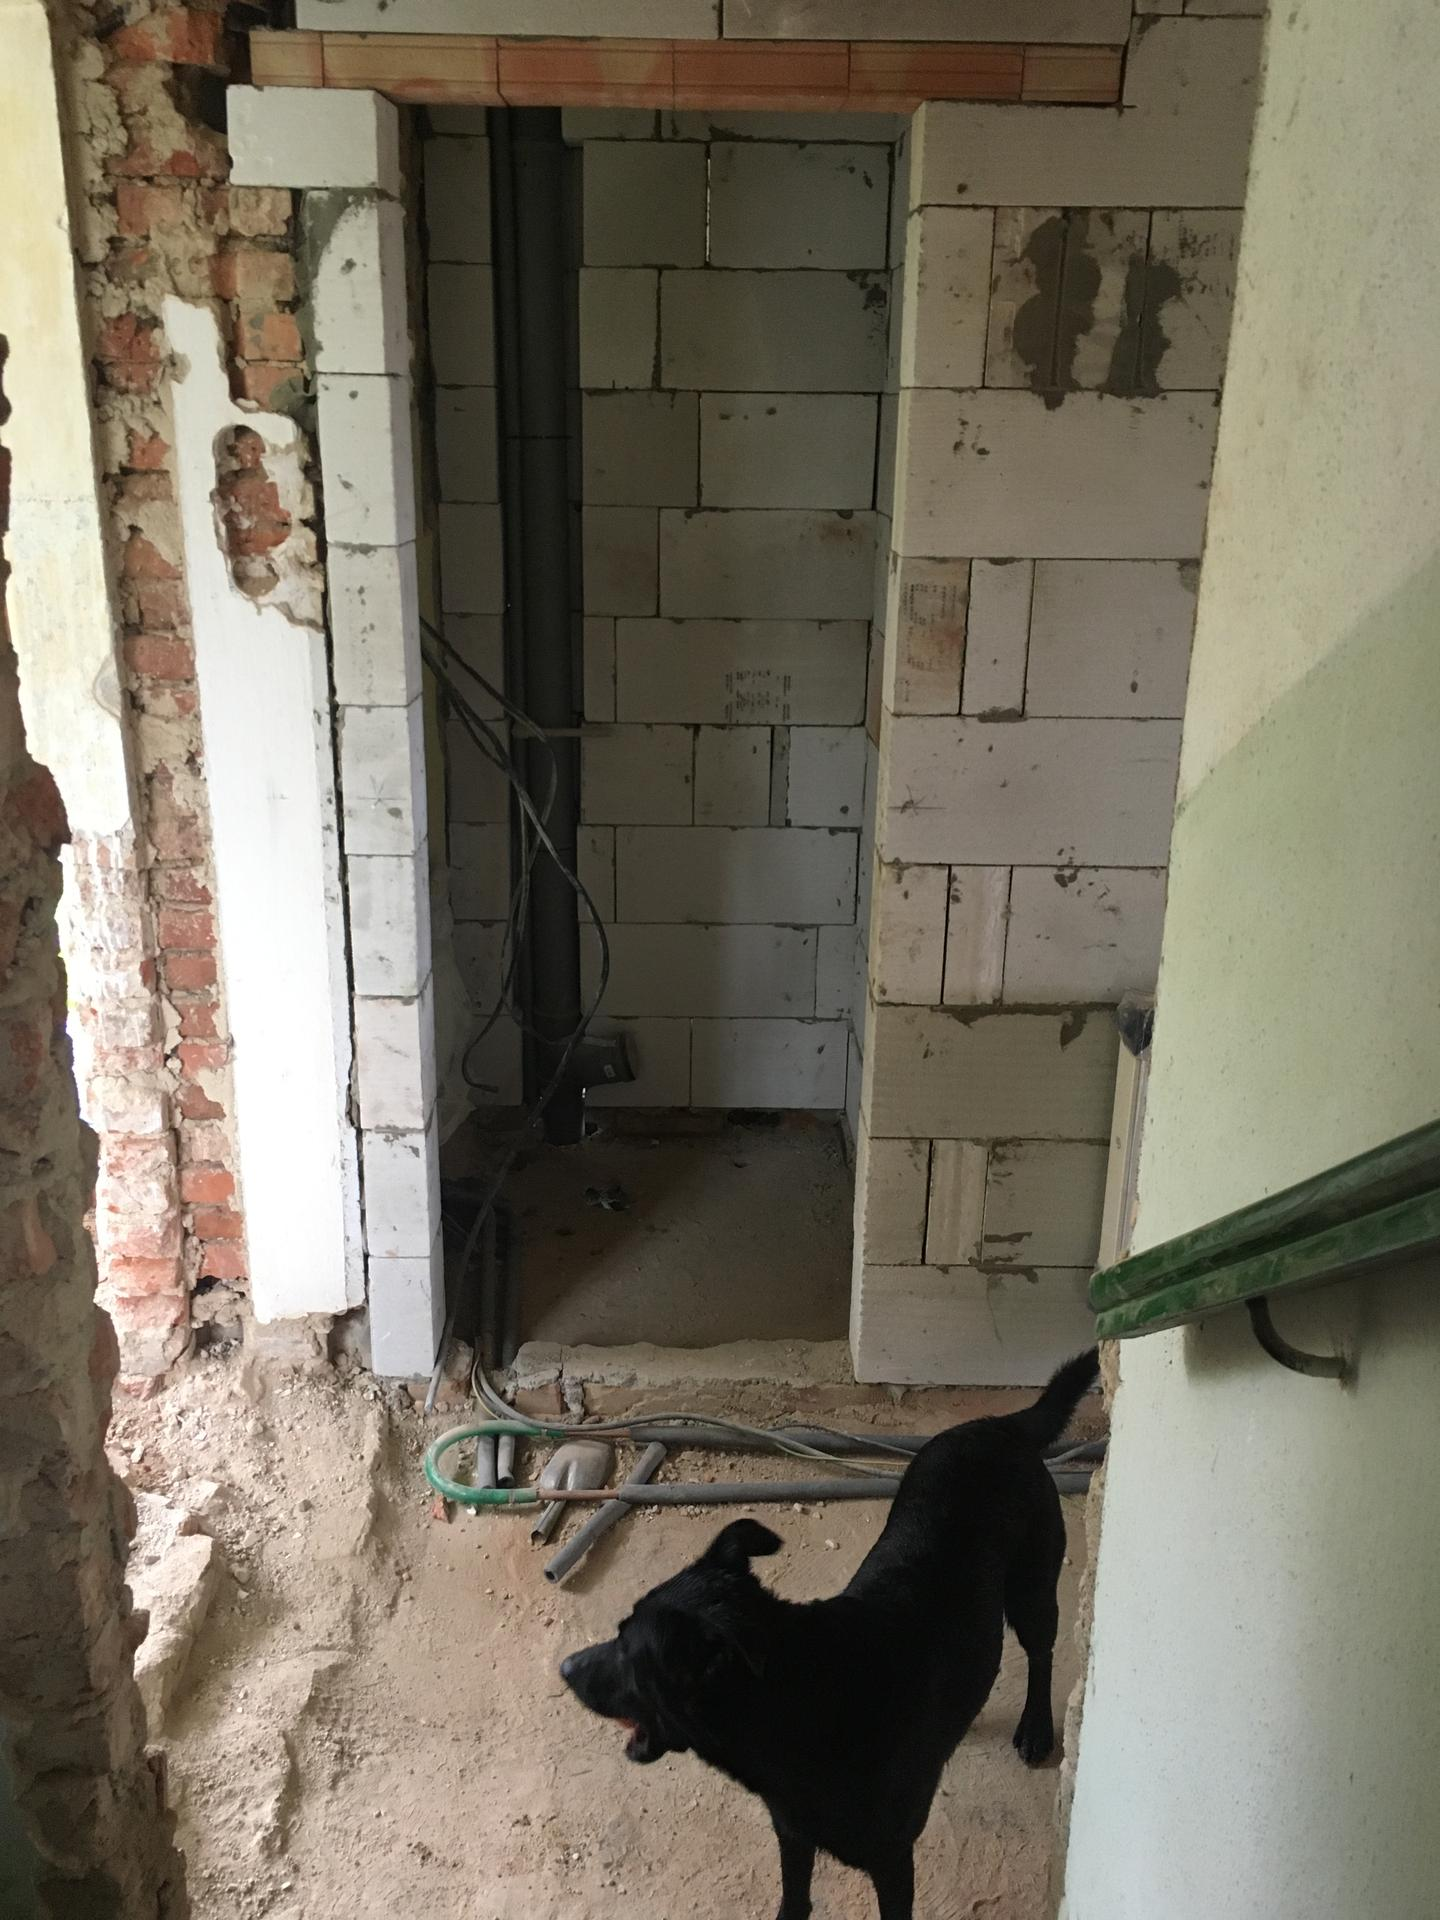 Rekonstrukce 🏡 20/21 - Vyzděno nové WC